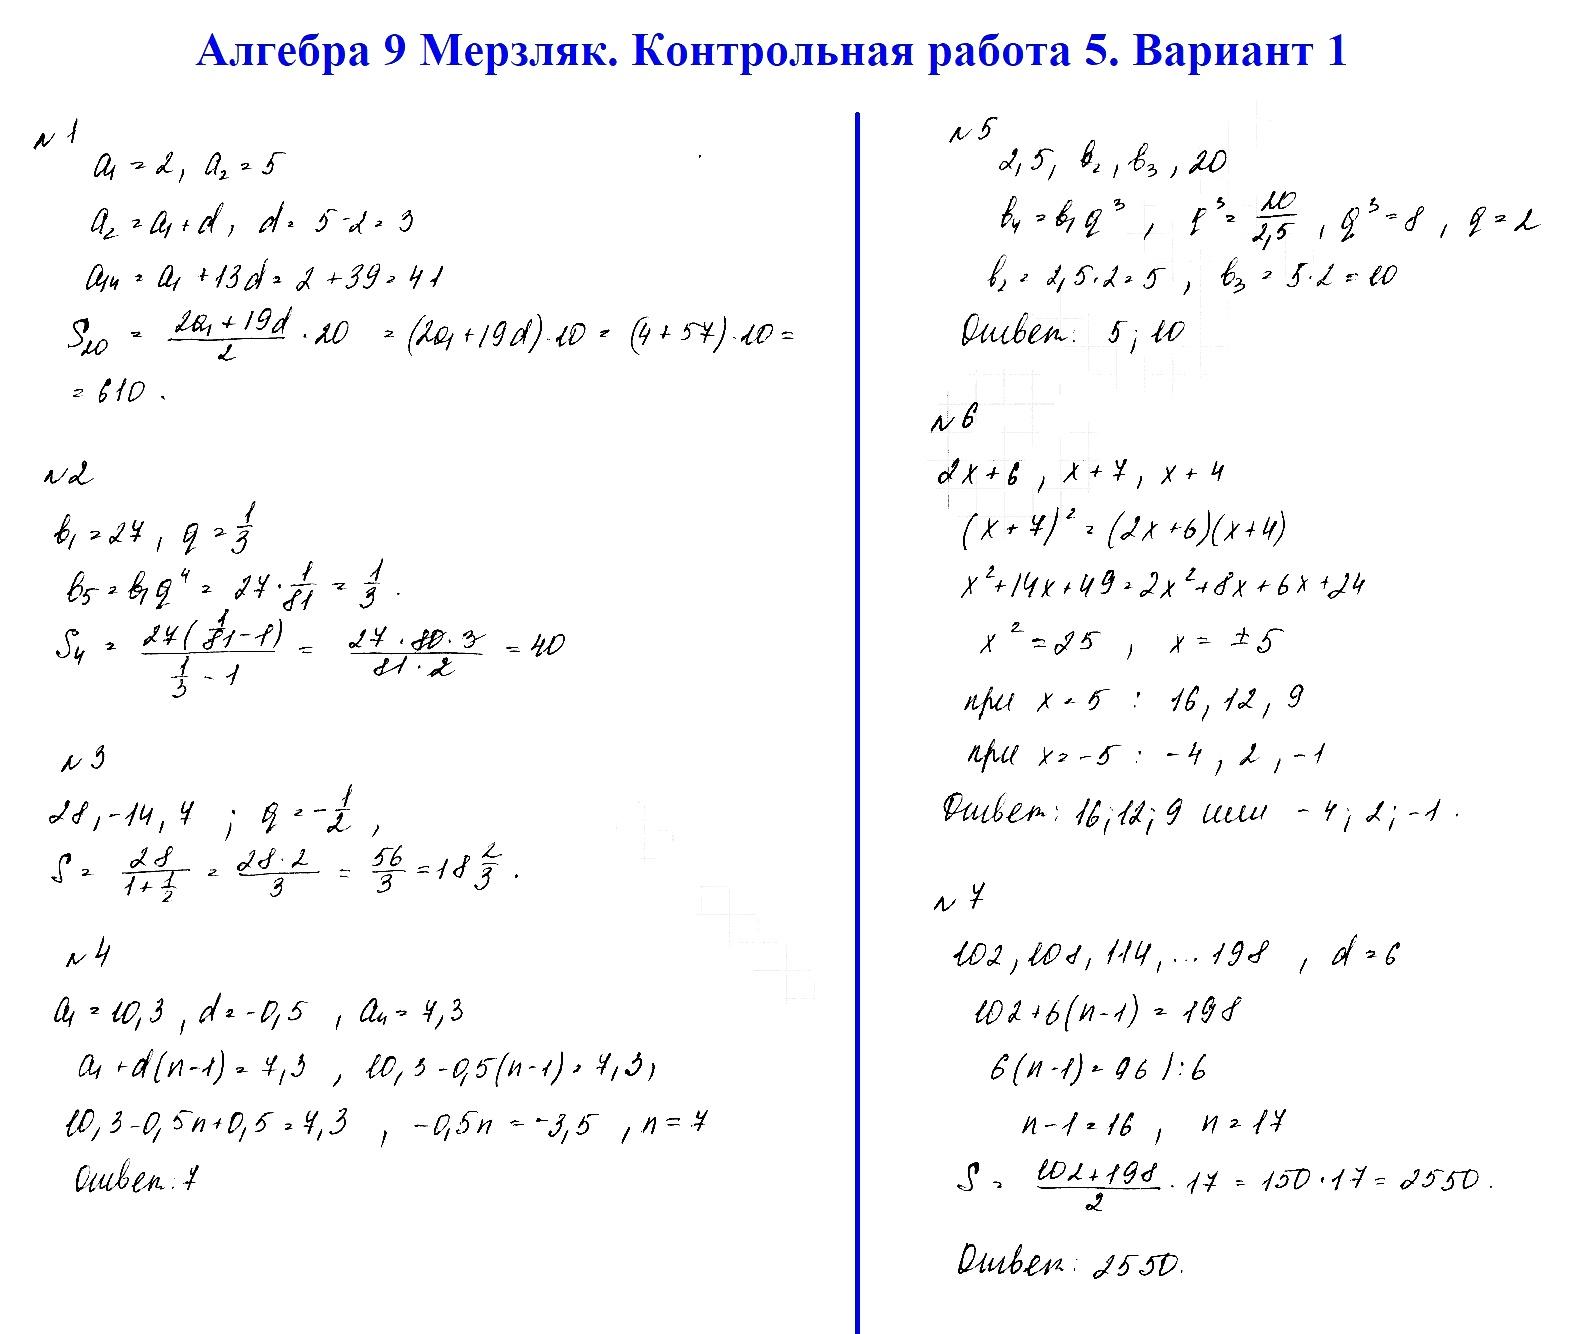 Алгебра 9 Мерзляк. Ответы на контрольную 5 в1